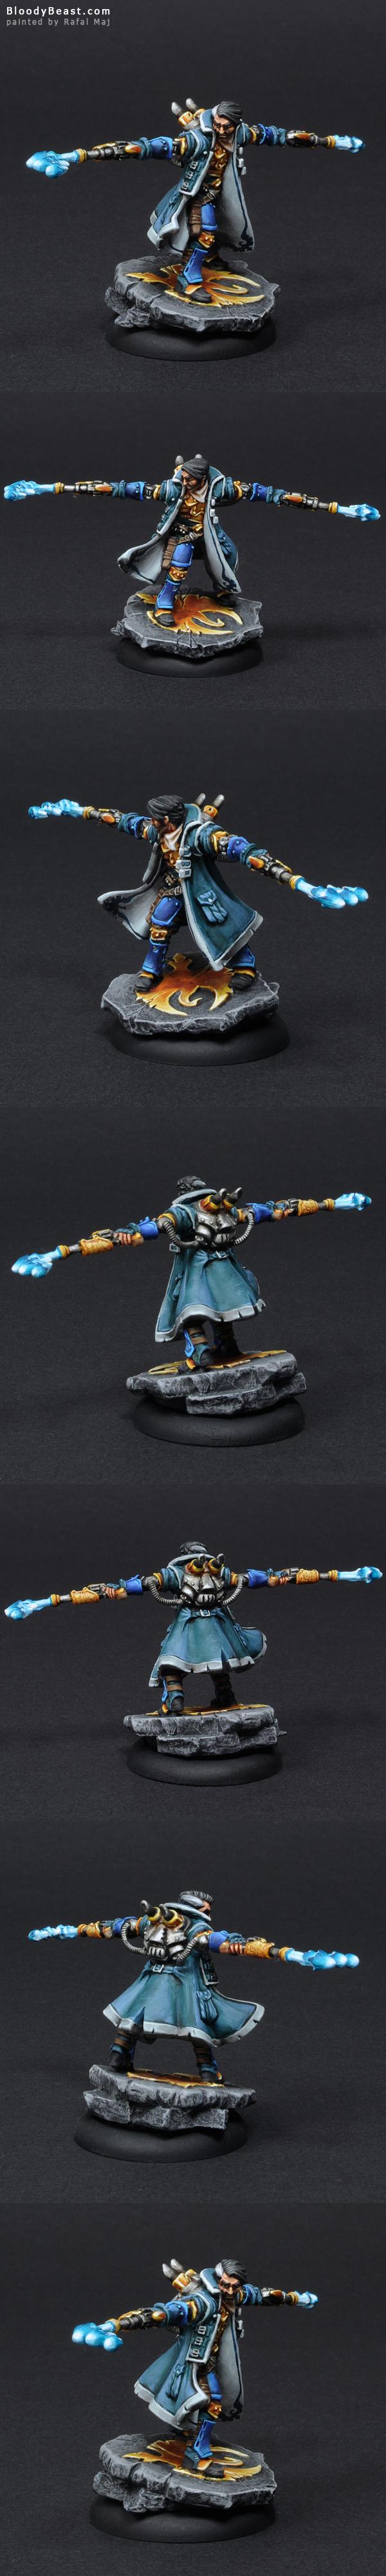 Cygnar Captain Allister Caine painted by Rafal Maj (BloodyBeast.com)